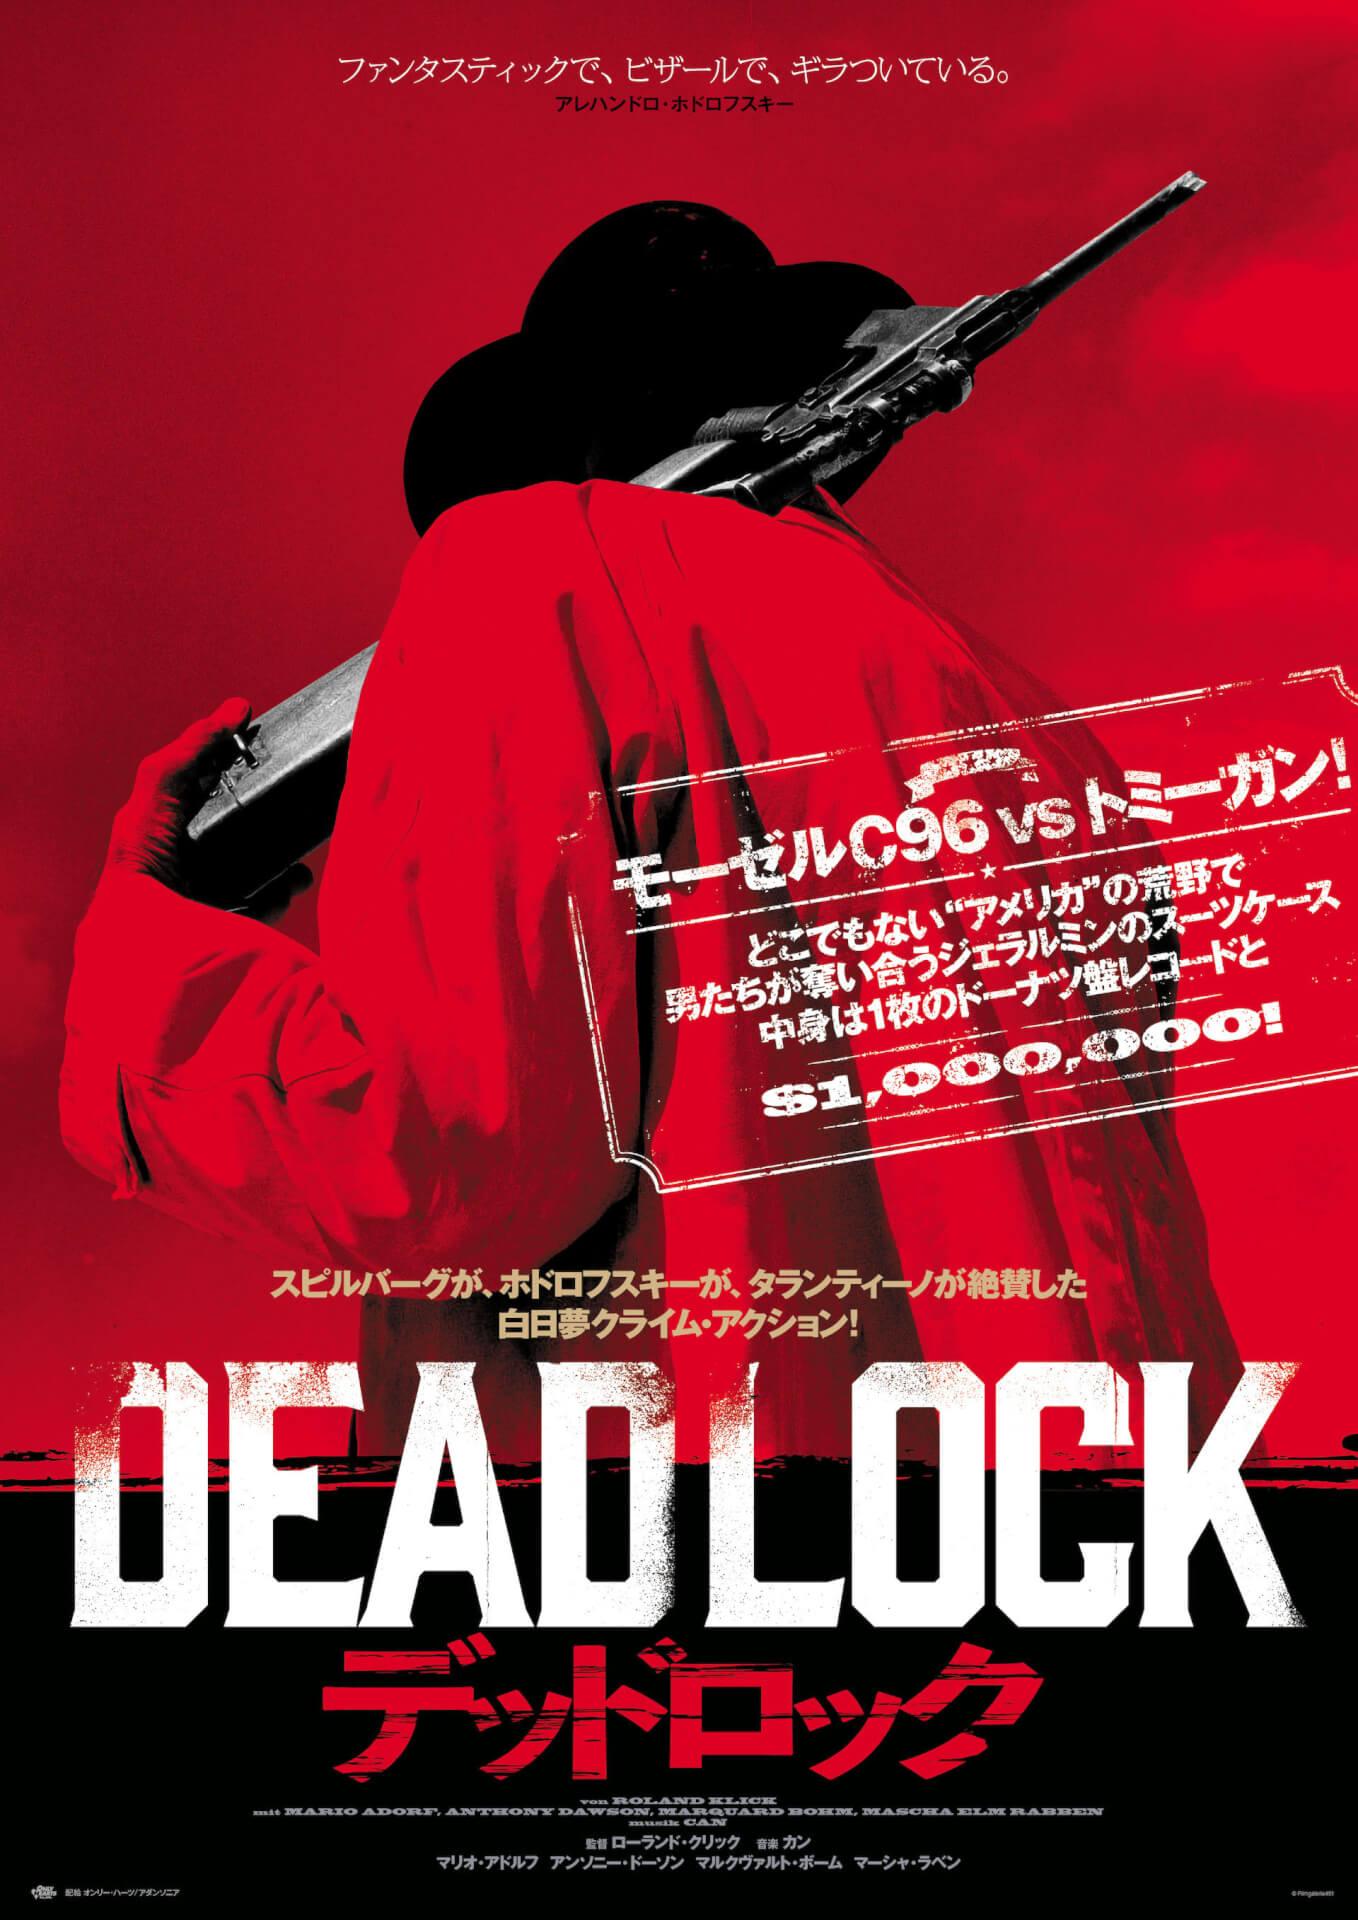 タランティーノ、ホドロフスキーをもうならせる映画が日本初上陸!ローラント・クリック監督『デッドロック』が公開決定 film210127_deadlock_2